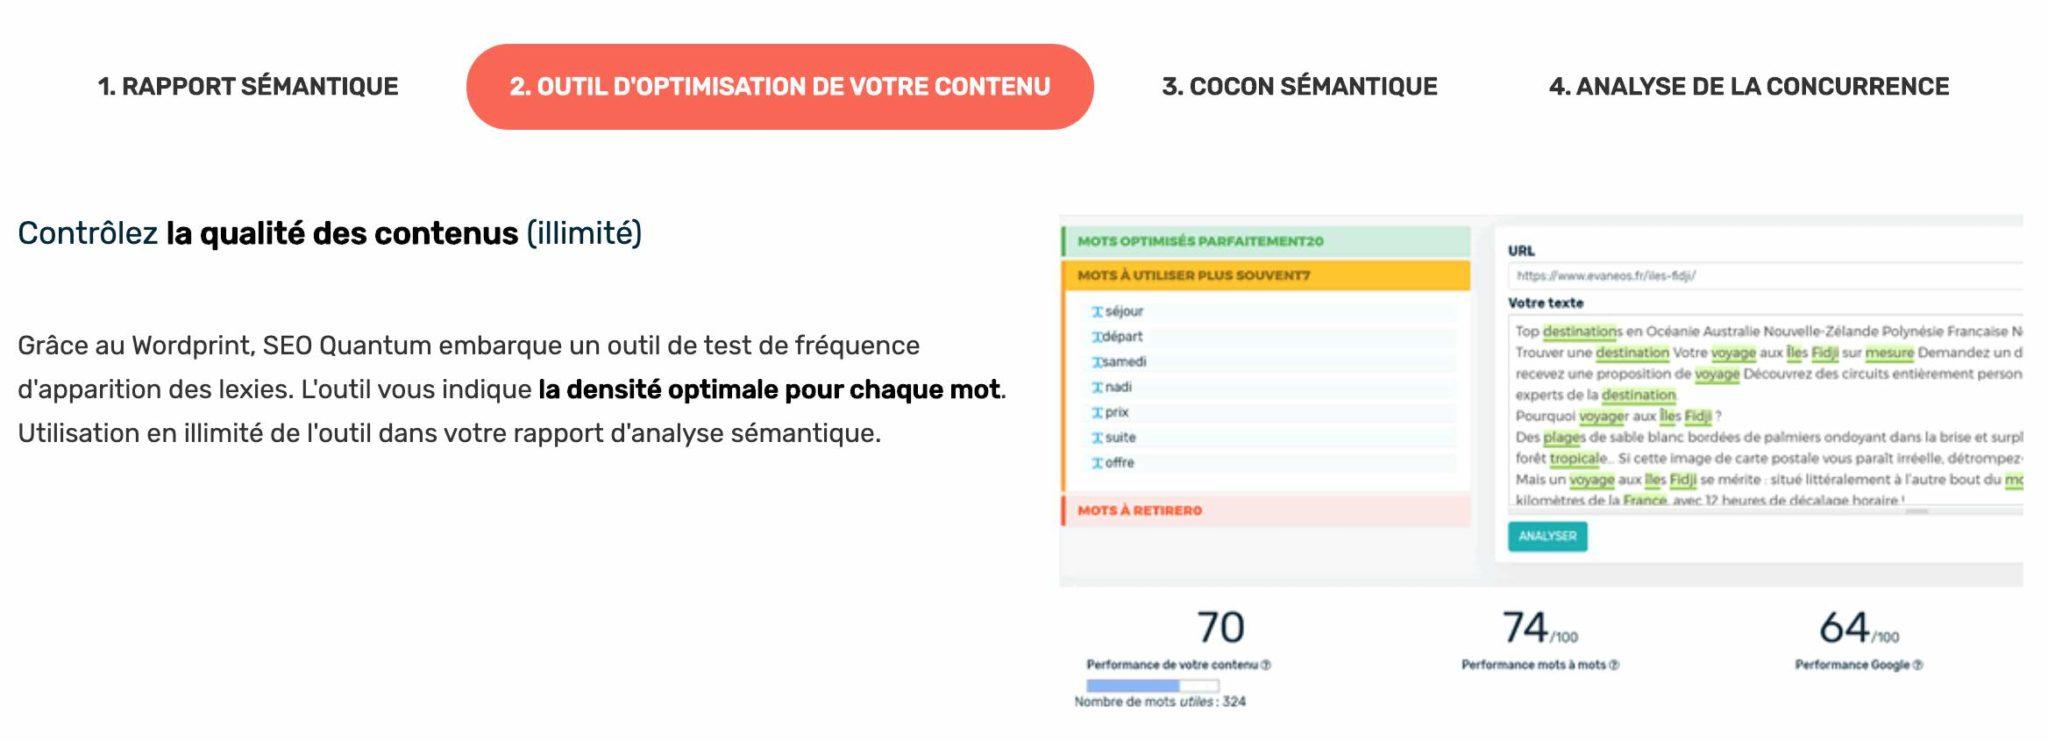 seoquantum-outil-optimisation-contenu